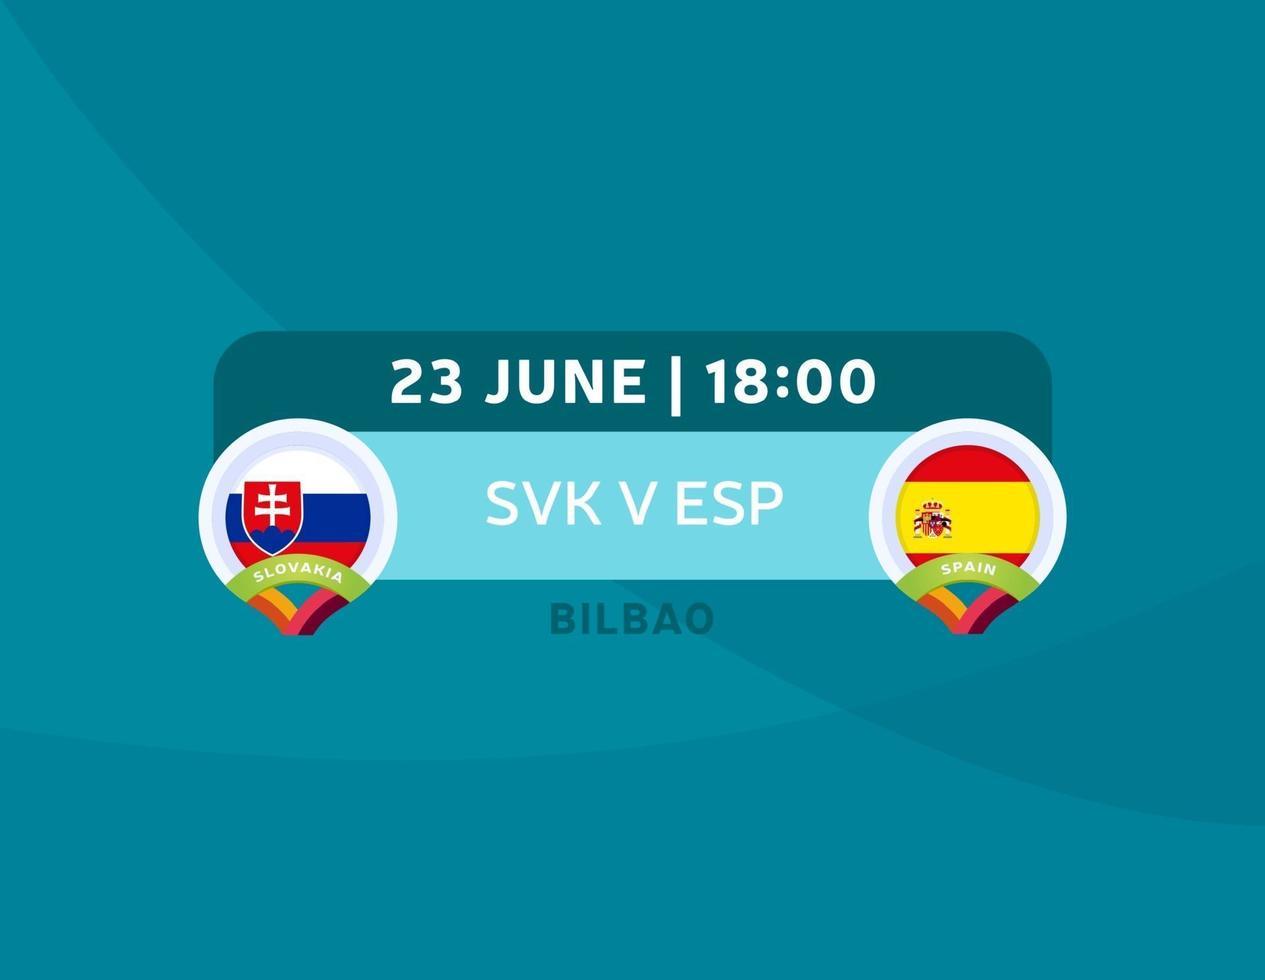 slovacchia vs spagna calcio 2153636 - Scarica Immagini Vettoriali Gratis,  Grafica Vettoriale, e Disegno Modelli